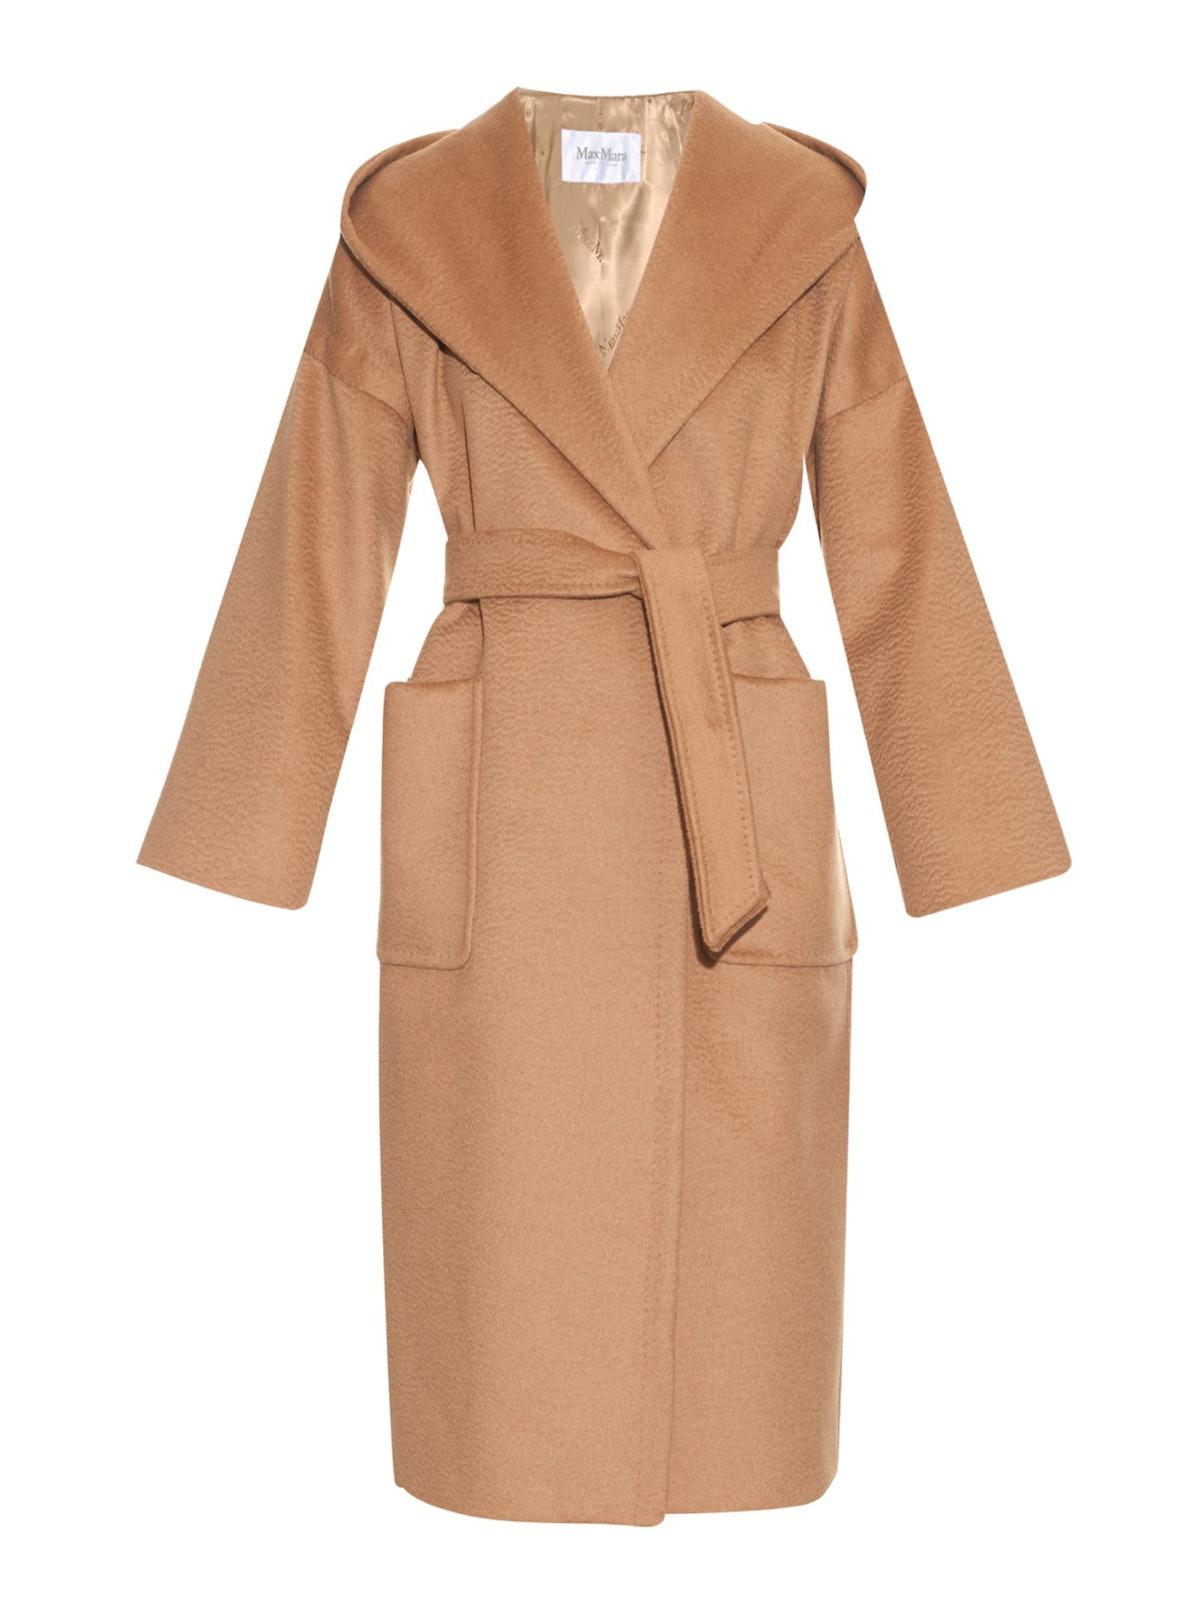 Max Mara coat,